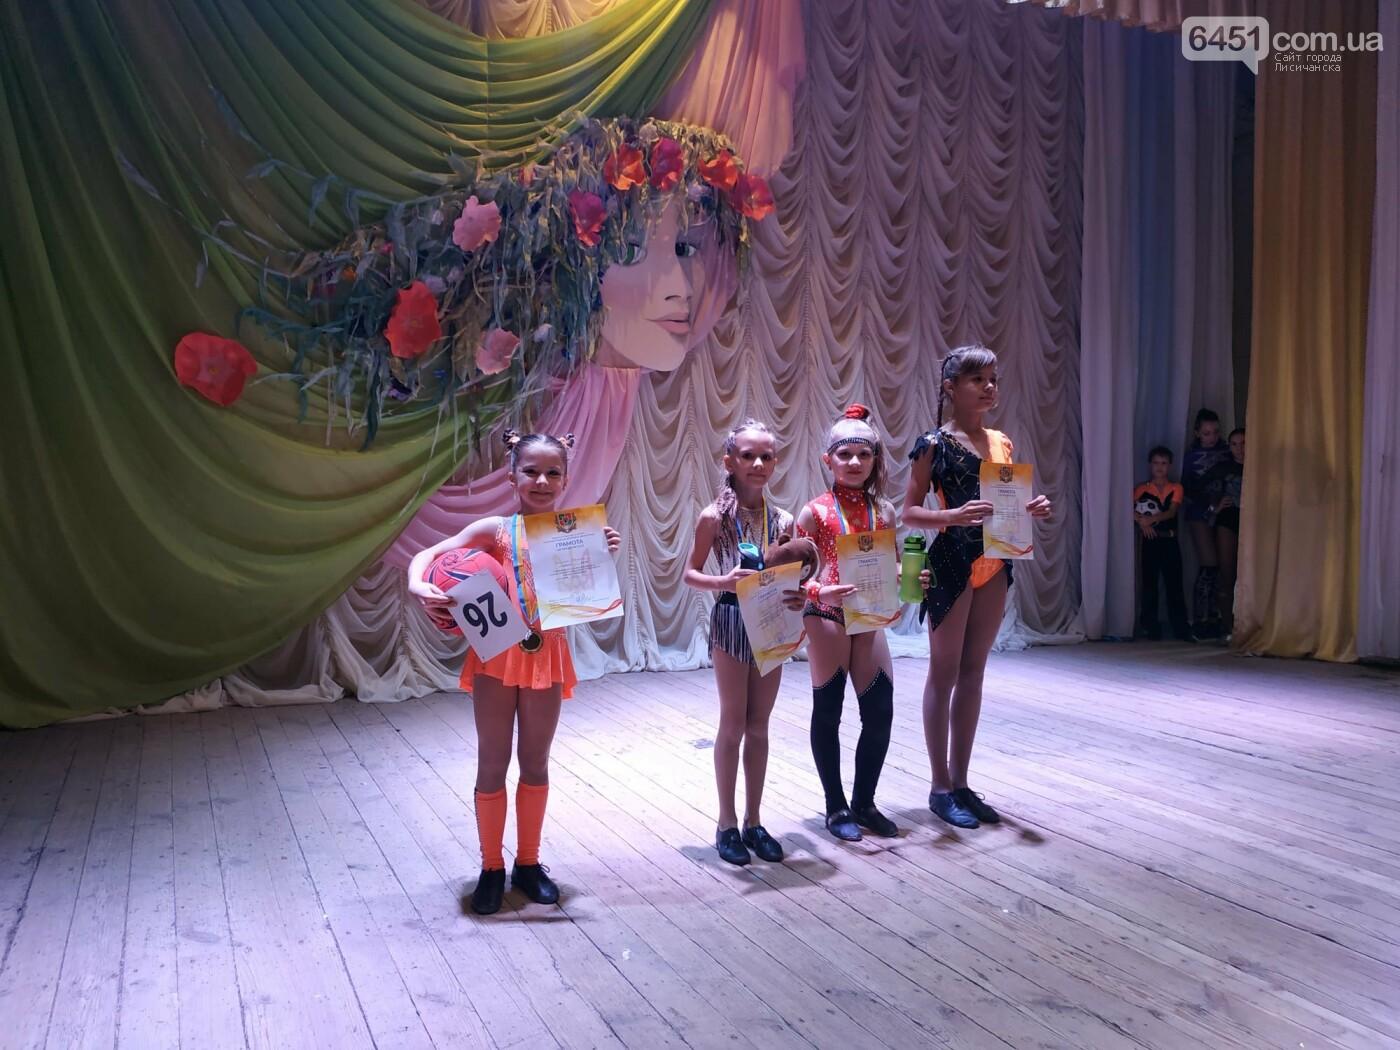 Лисичанск продолжает радовать талантливыми спортсменами, фото-2